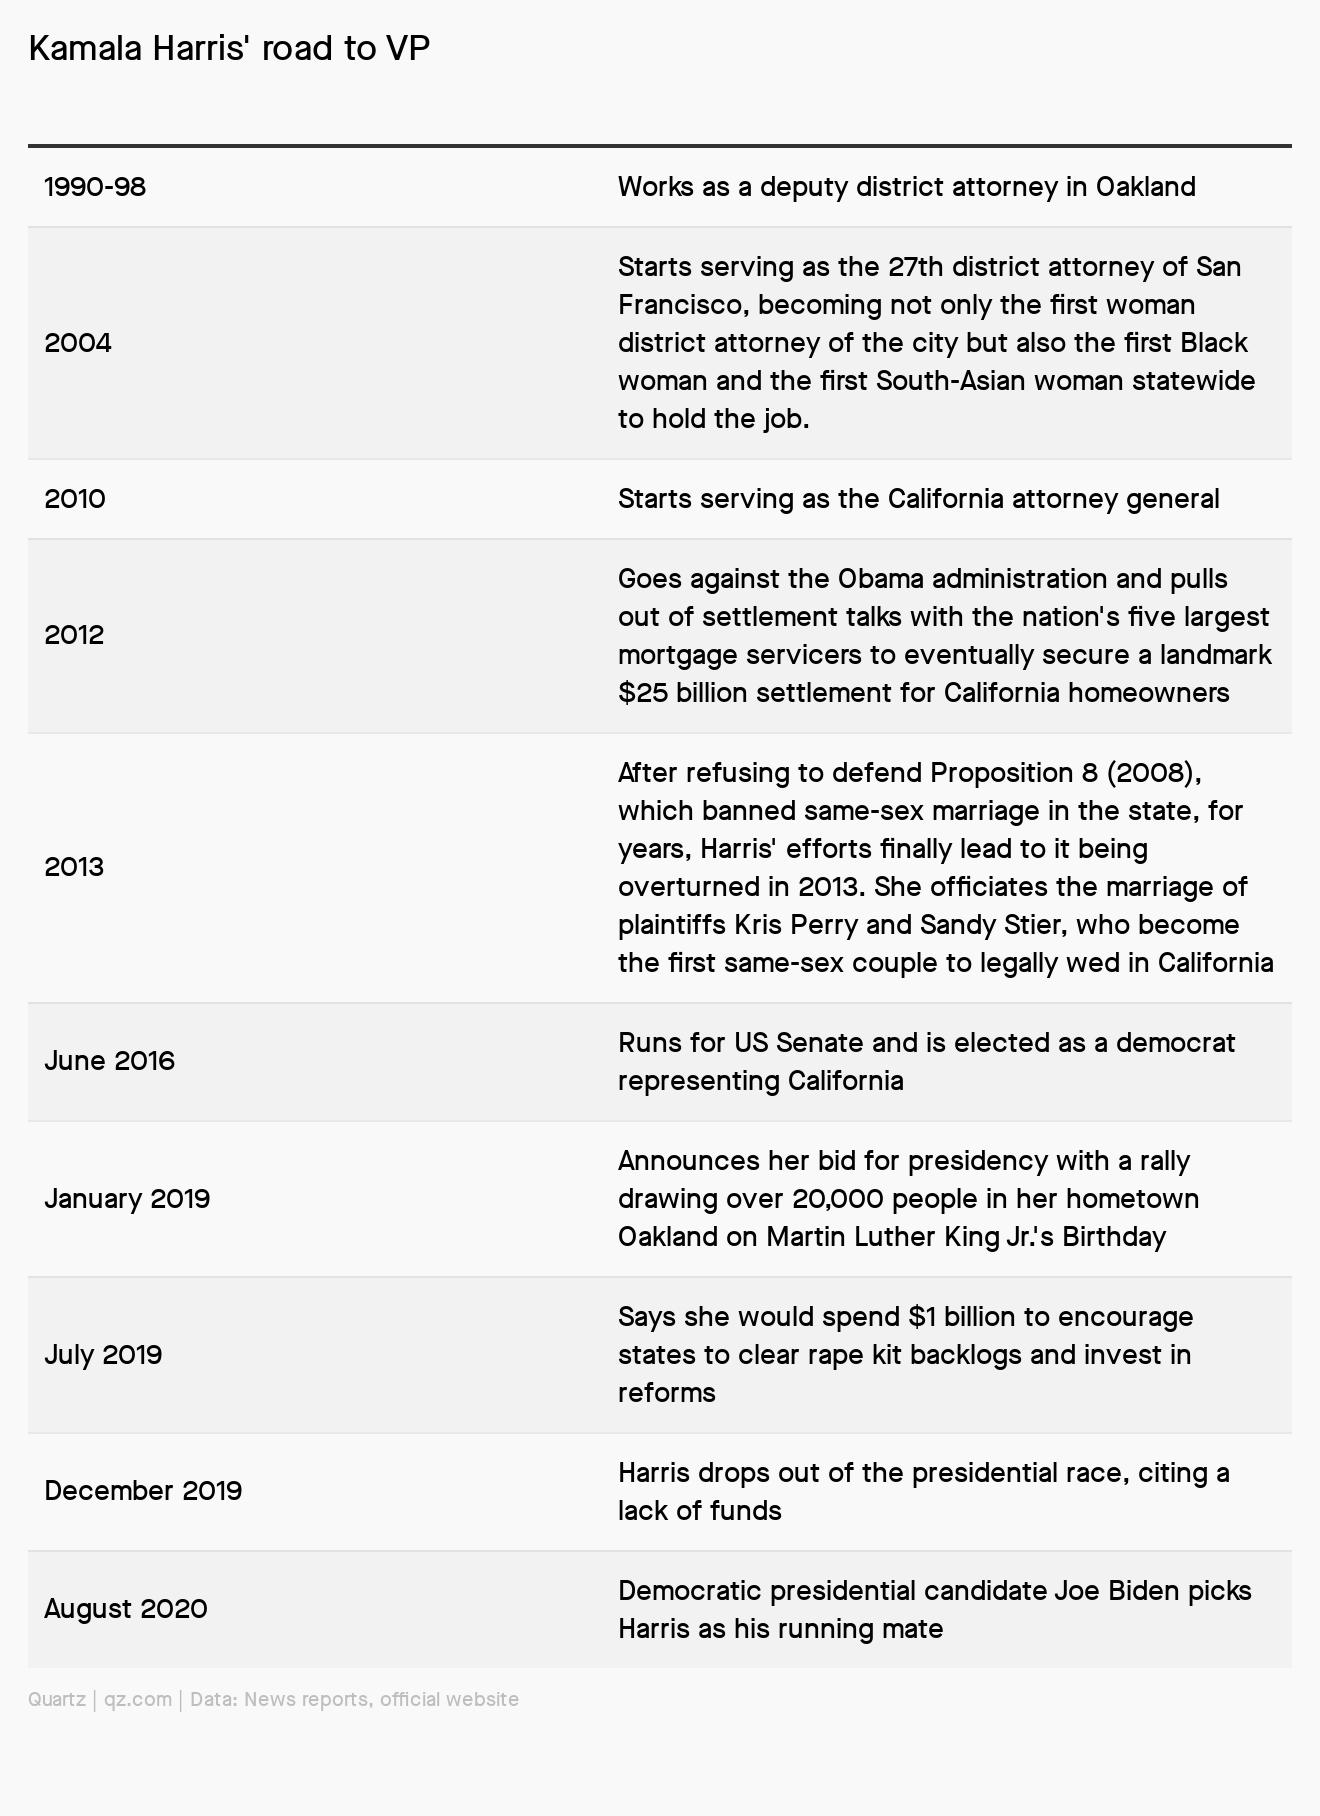 A timeline of Kamala Harris' accomplisments.